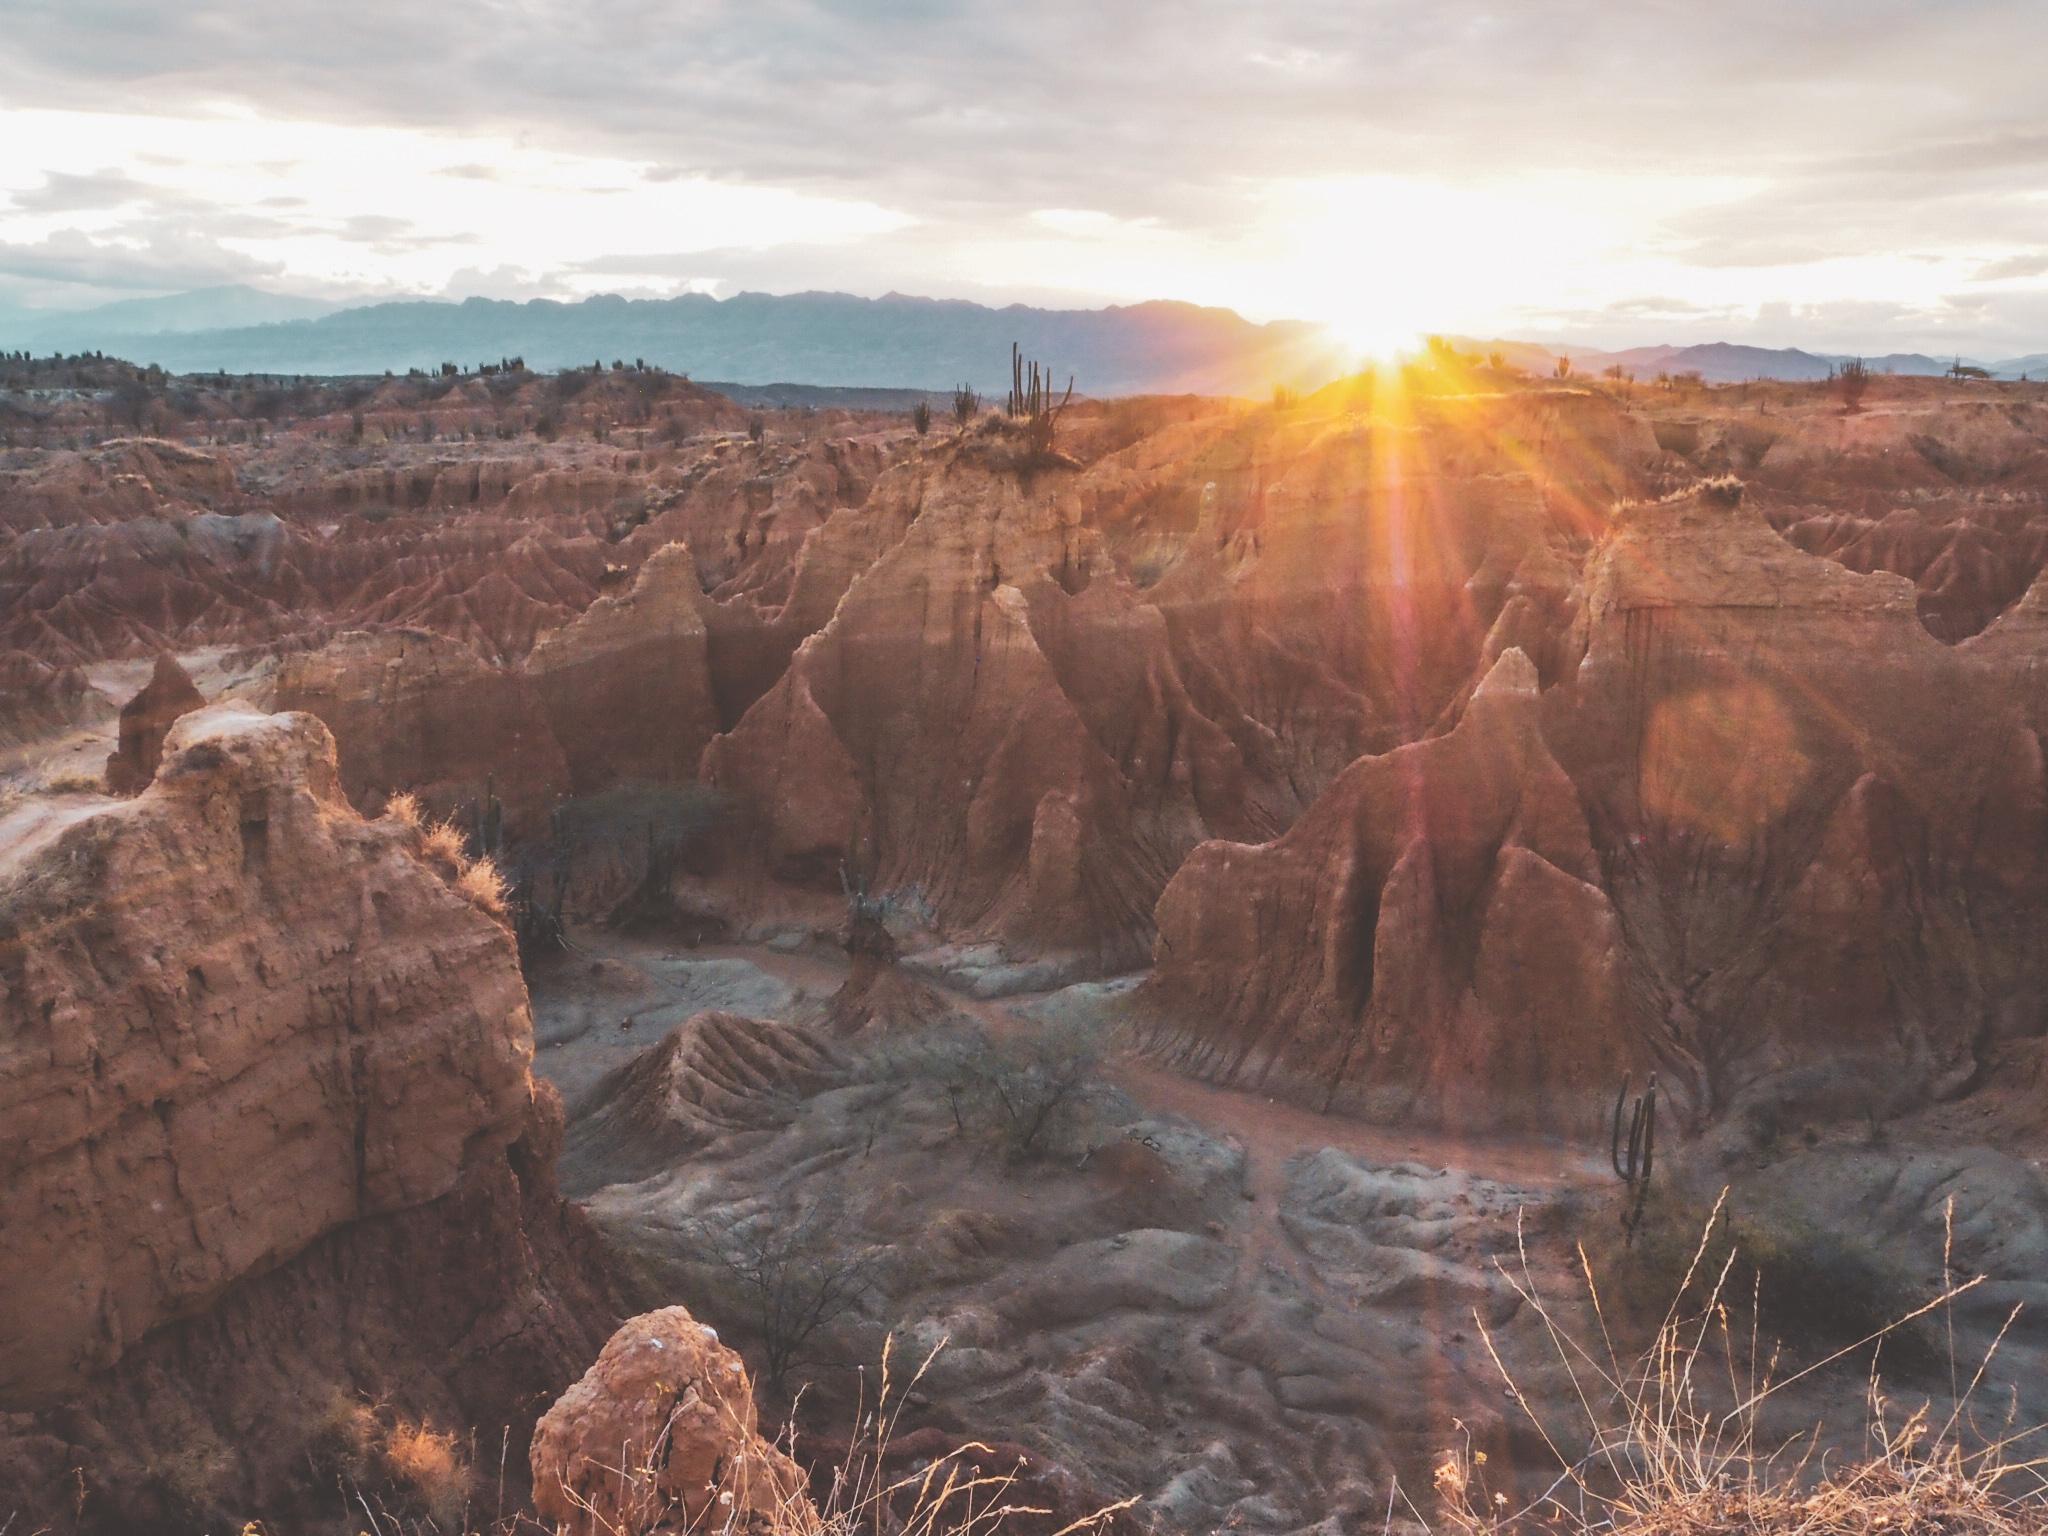 Desierto de la Tatacoa - Die Einfachheit der Wüste 21